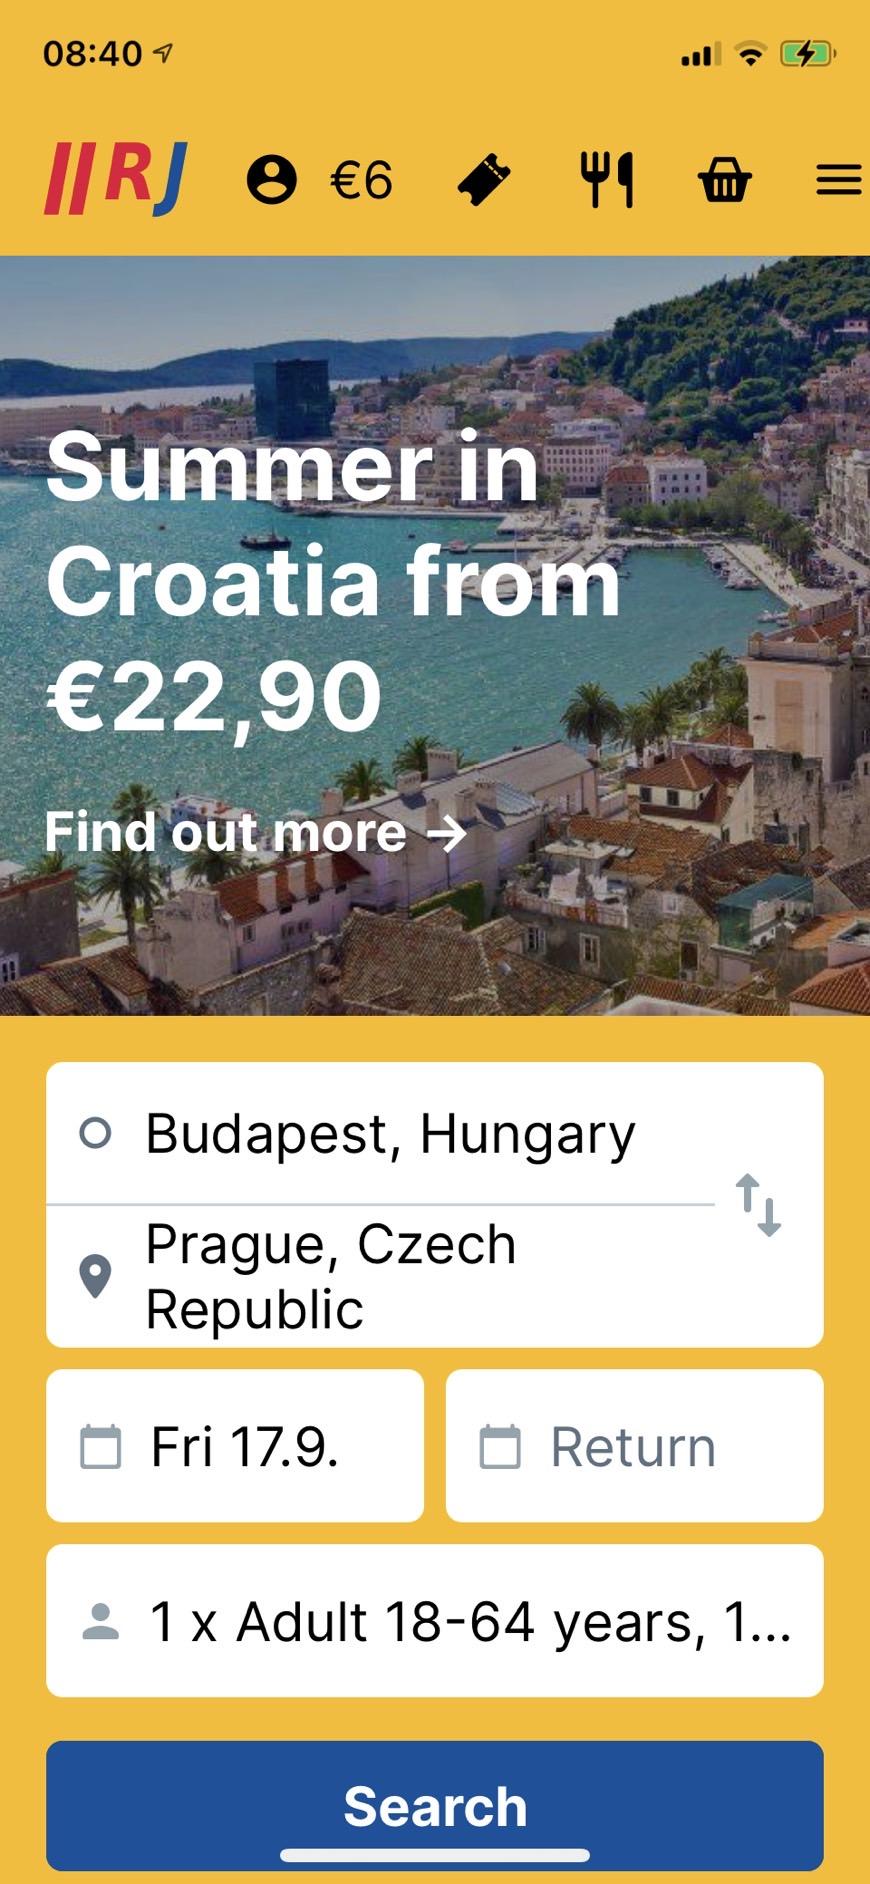 捷克巴士推薦 REGIOJET,黃色大巴士(也有火車),有wifi、有飲料、有廁所、購票方式